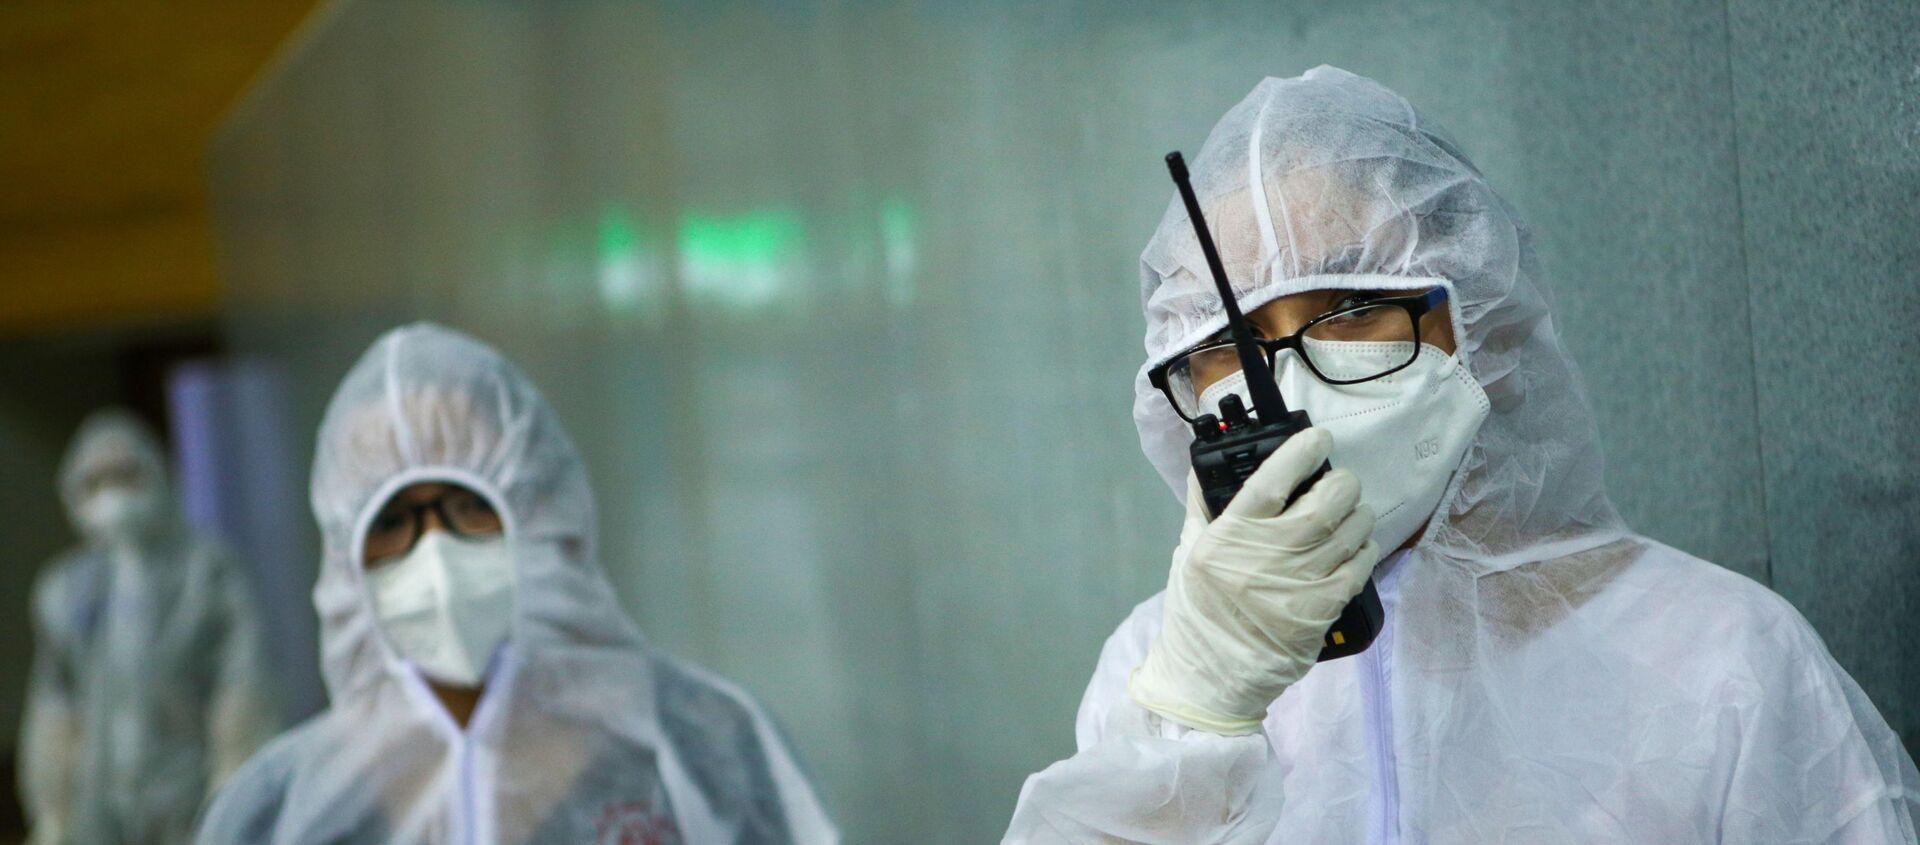 Sử dụng các thiết bị liên lạc hiện đại báo cáo tình hình sức khỏe bệnh nhân trong diễn tập tại Bệnh viện dã chiến Tiên Sơn.  - Sputnik Việt Nam, 1920, 14.08.2020